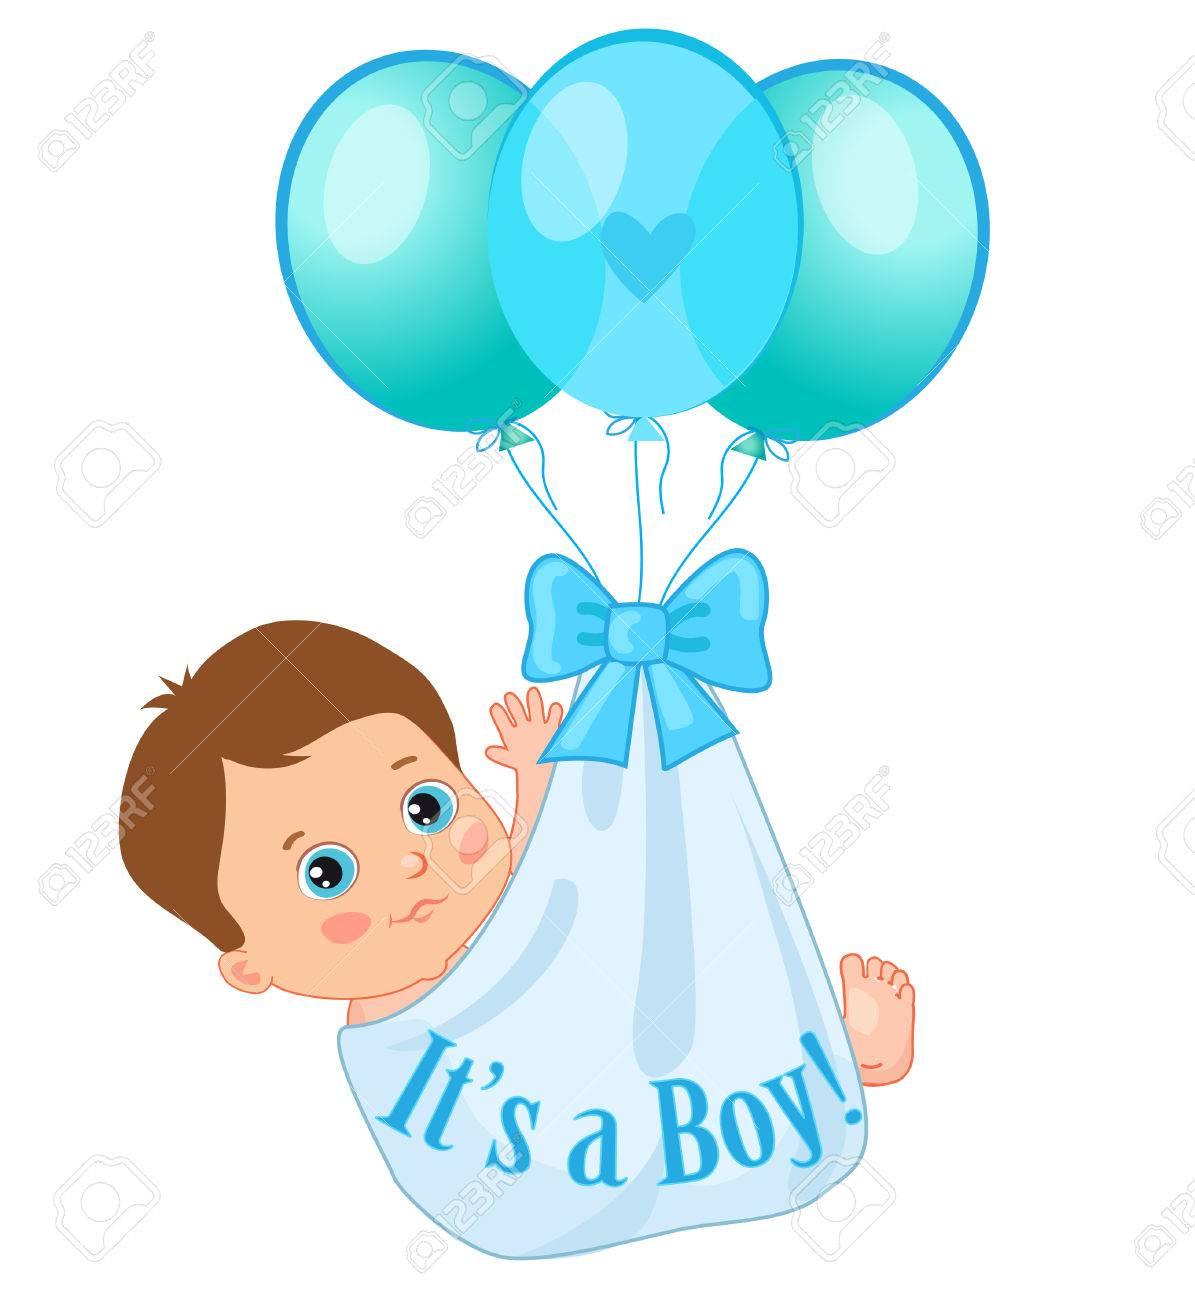 1195x1300 Color Balloons Carrying A Cute Baby Boy. Baby Boy Vector